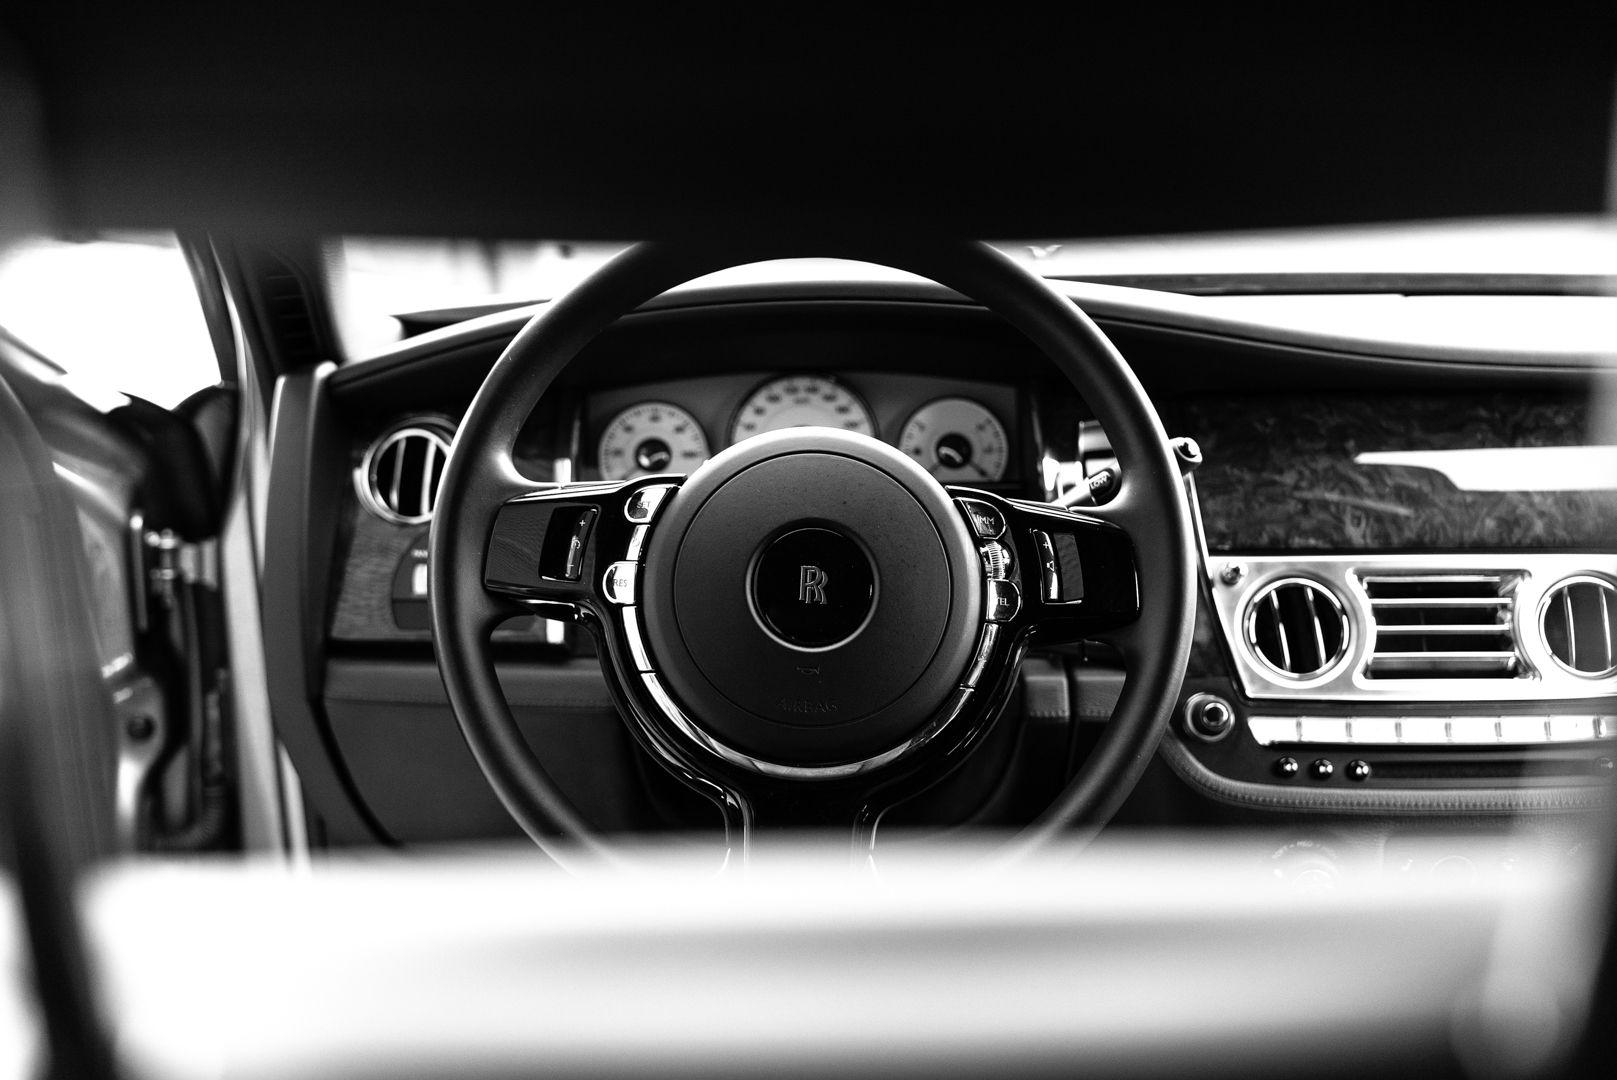 2011 Rolls Royce Ghost 85250